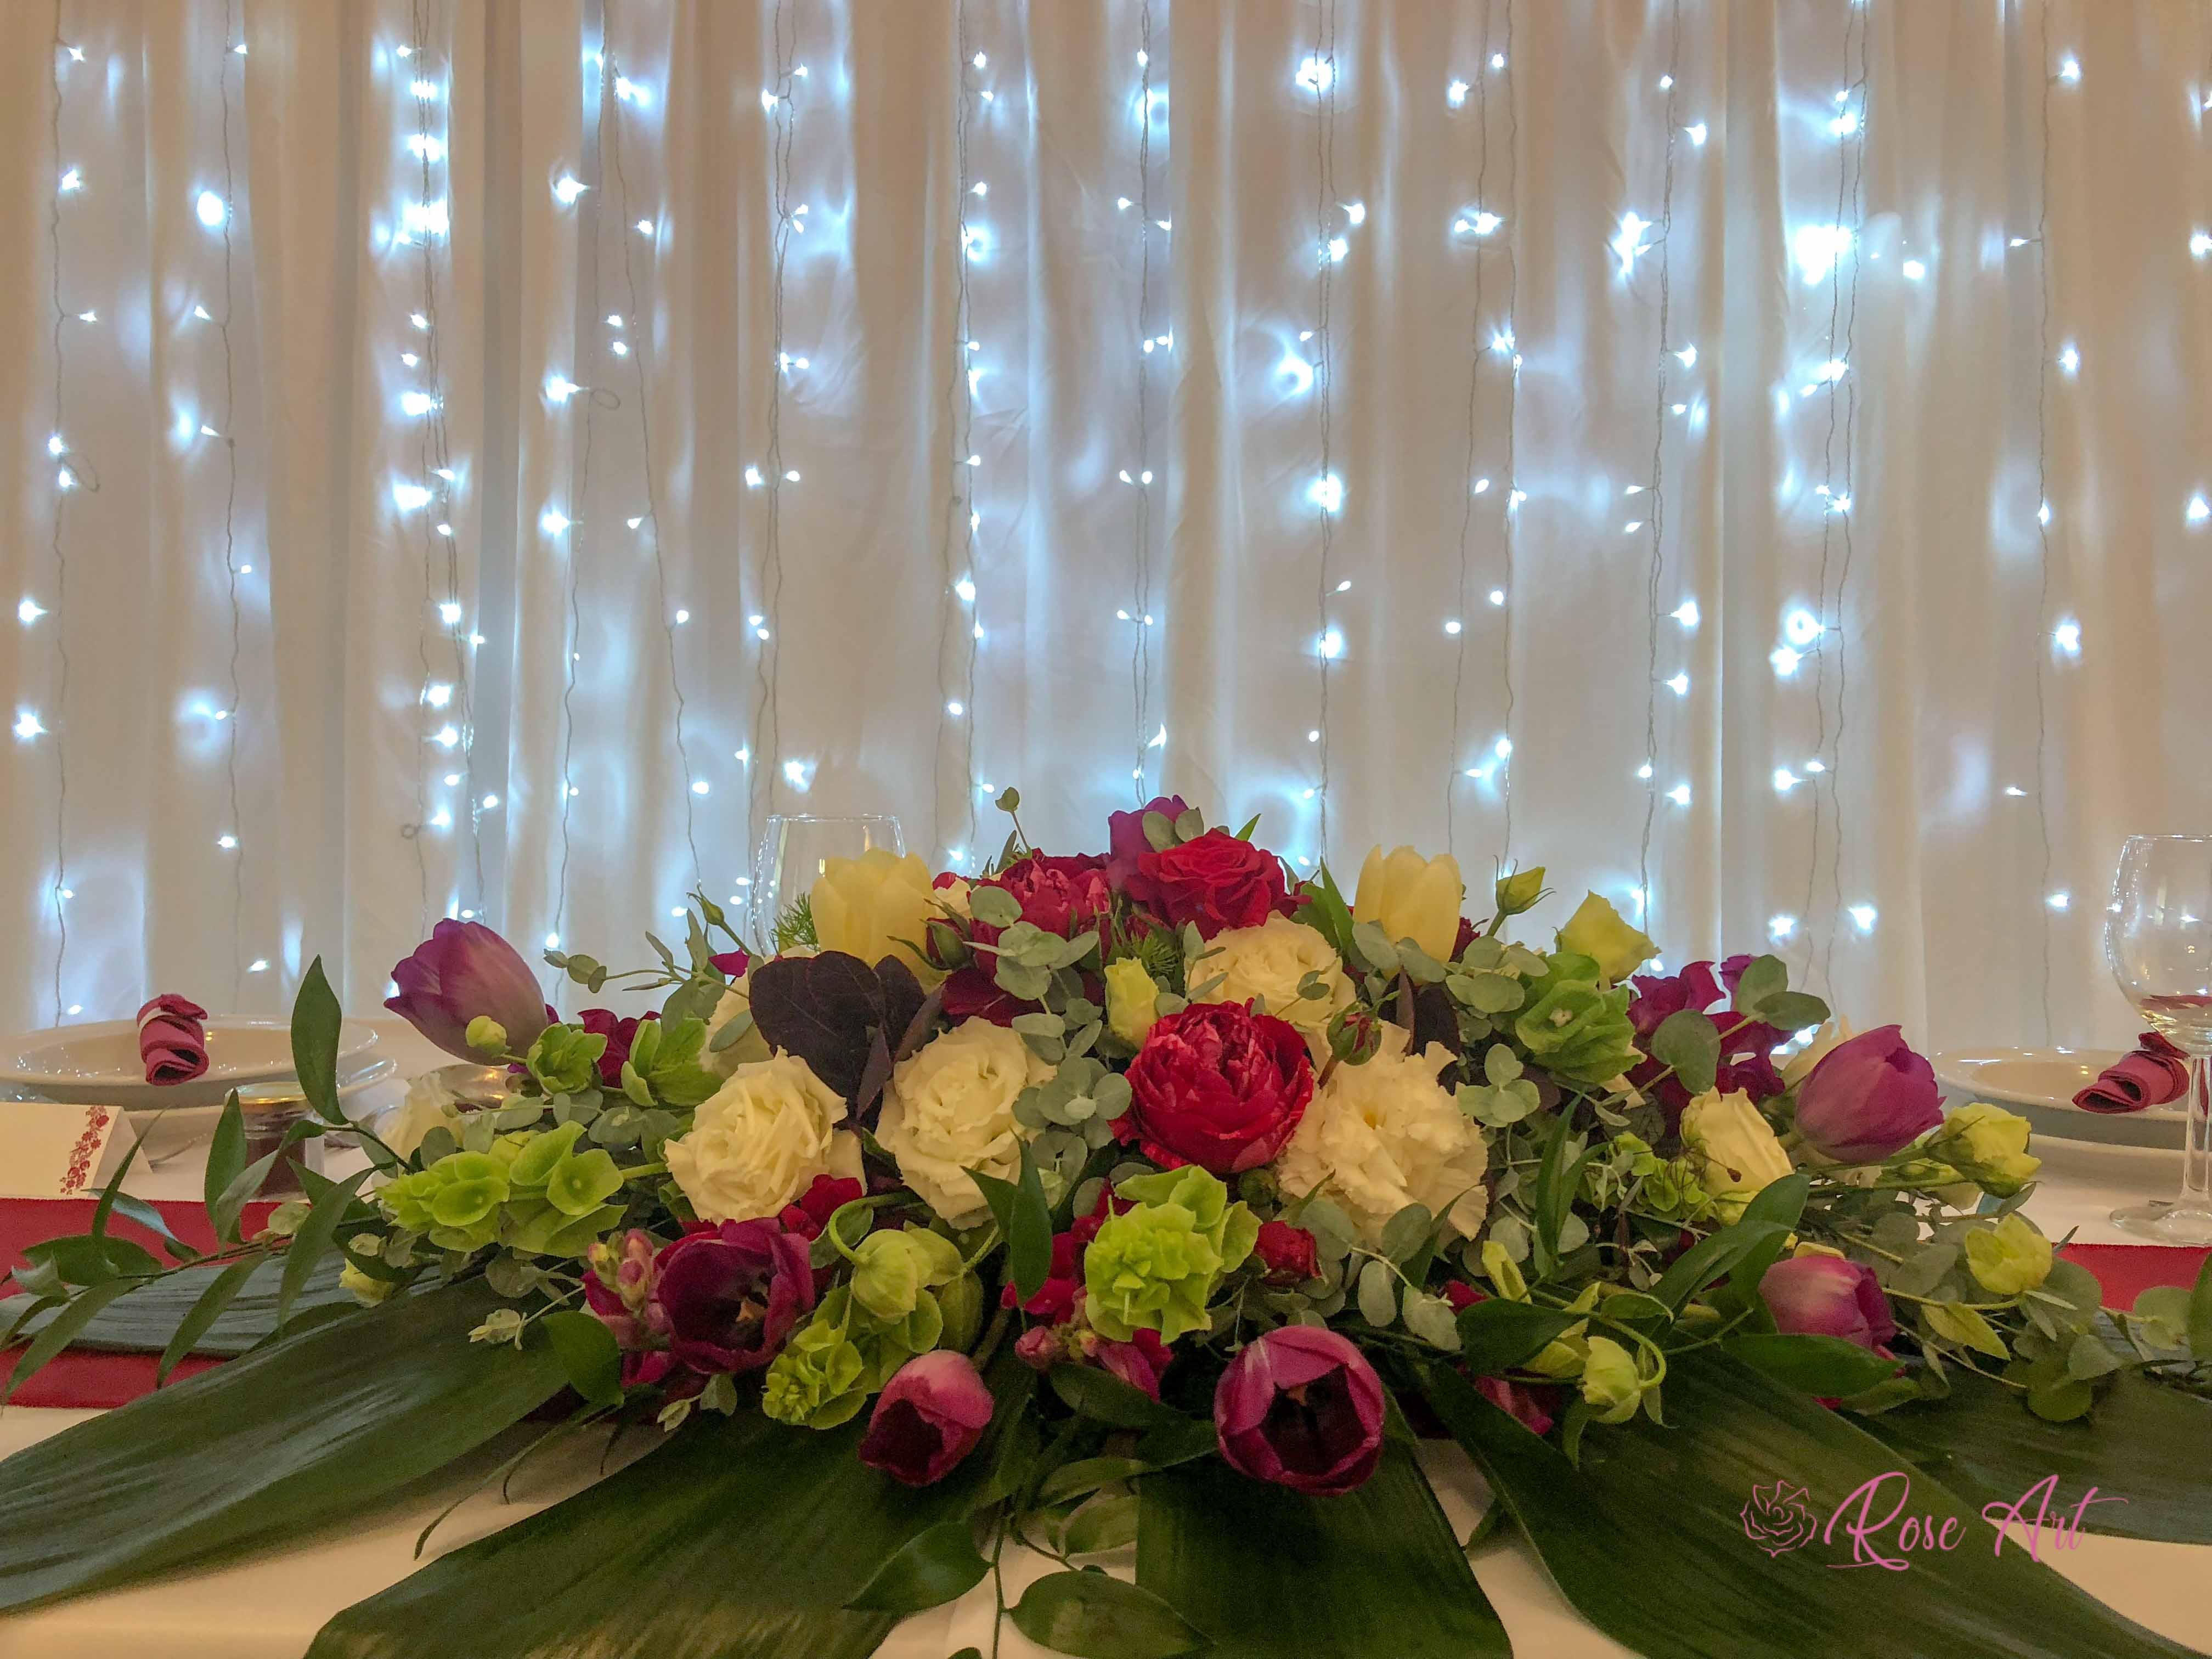 RoseArt Esküvő Klasszikus Bordó Körasztal Székszoknya Masni Szalvétadísz